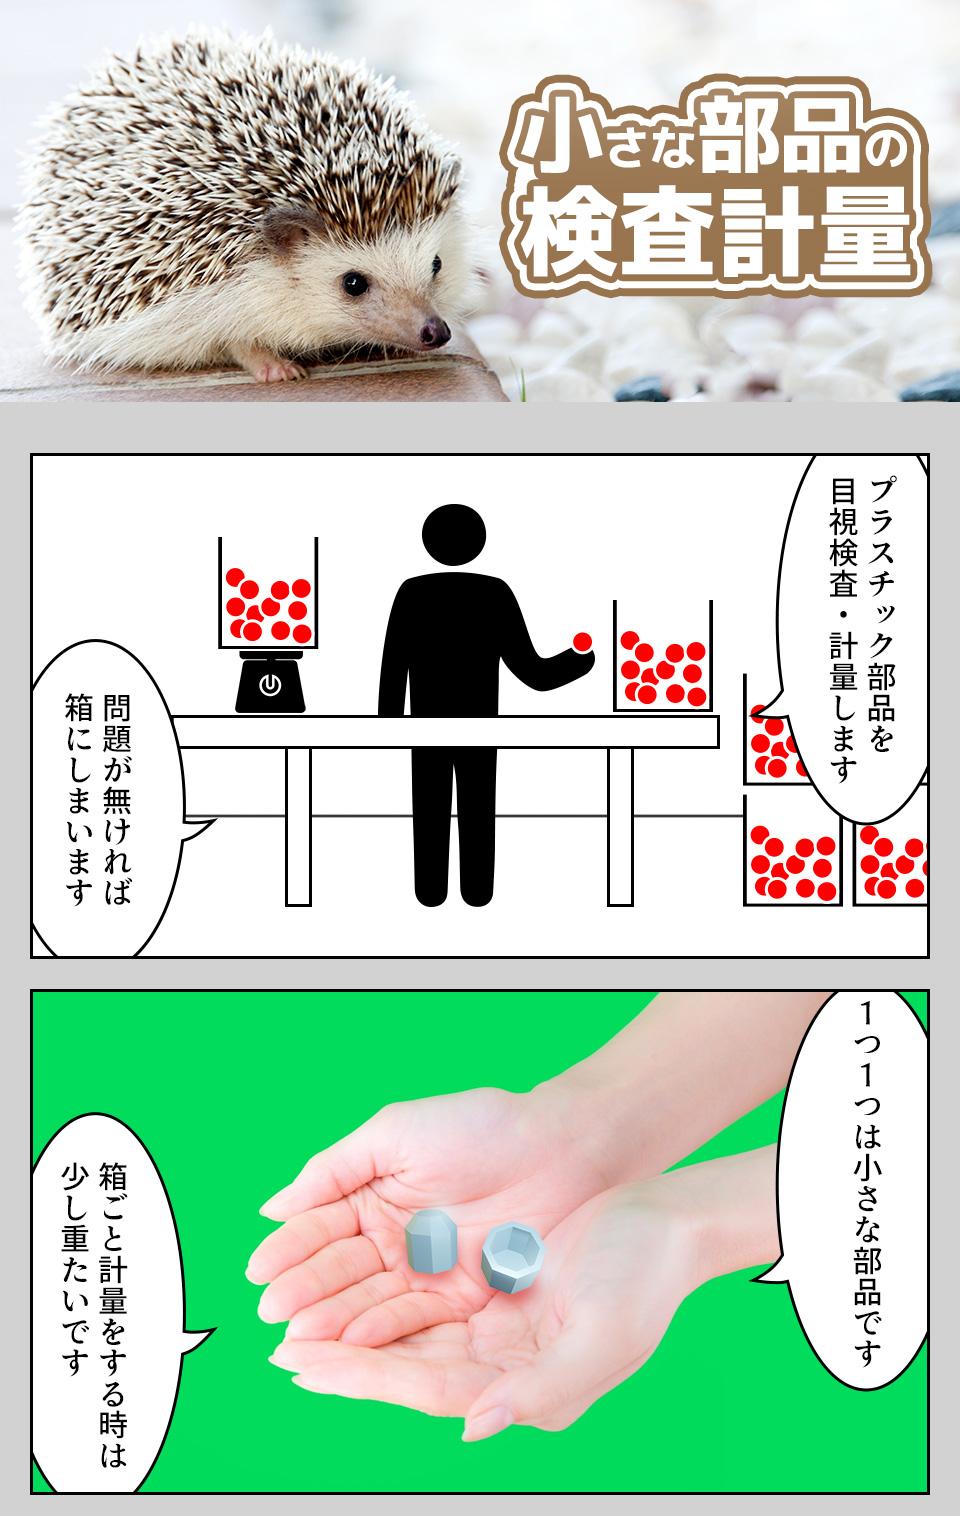 部品の検査・計量 石川県金沢市の派遣社員求人